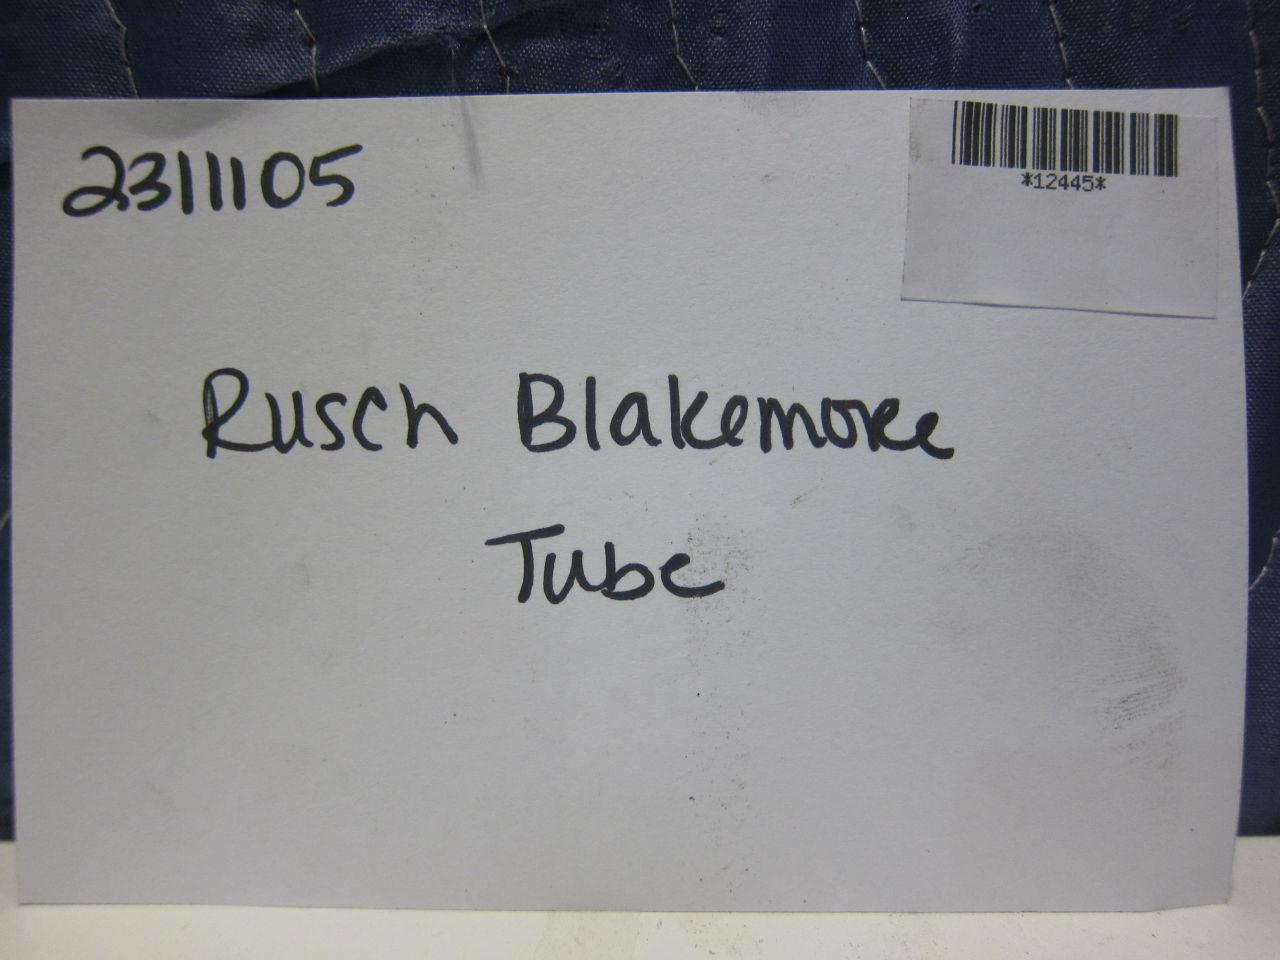 RUSCH Blakemore Tube